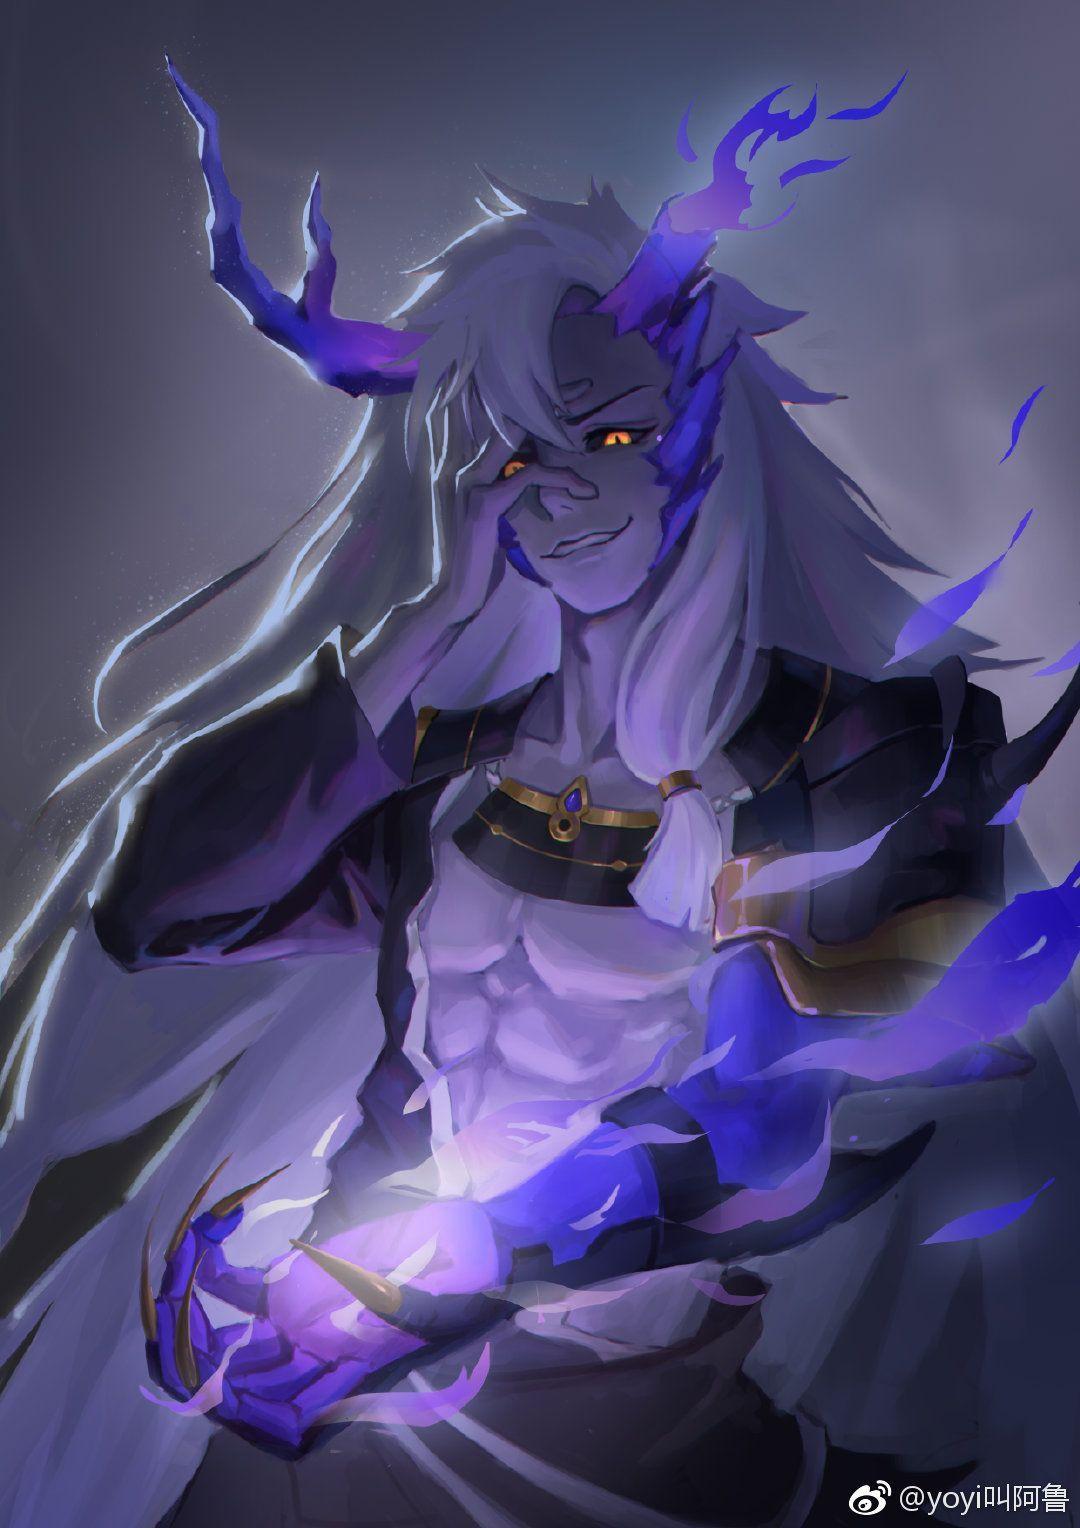 12 Amazing Anime Cosplay Expo Ideas Evil Anime Anime Demon Boy Anime